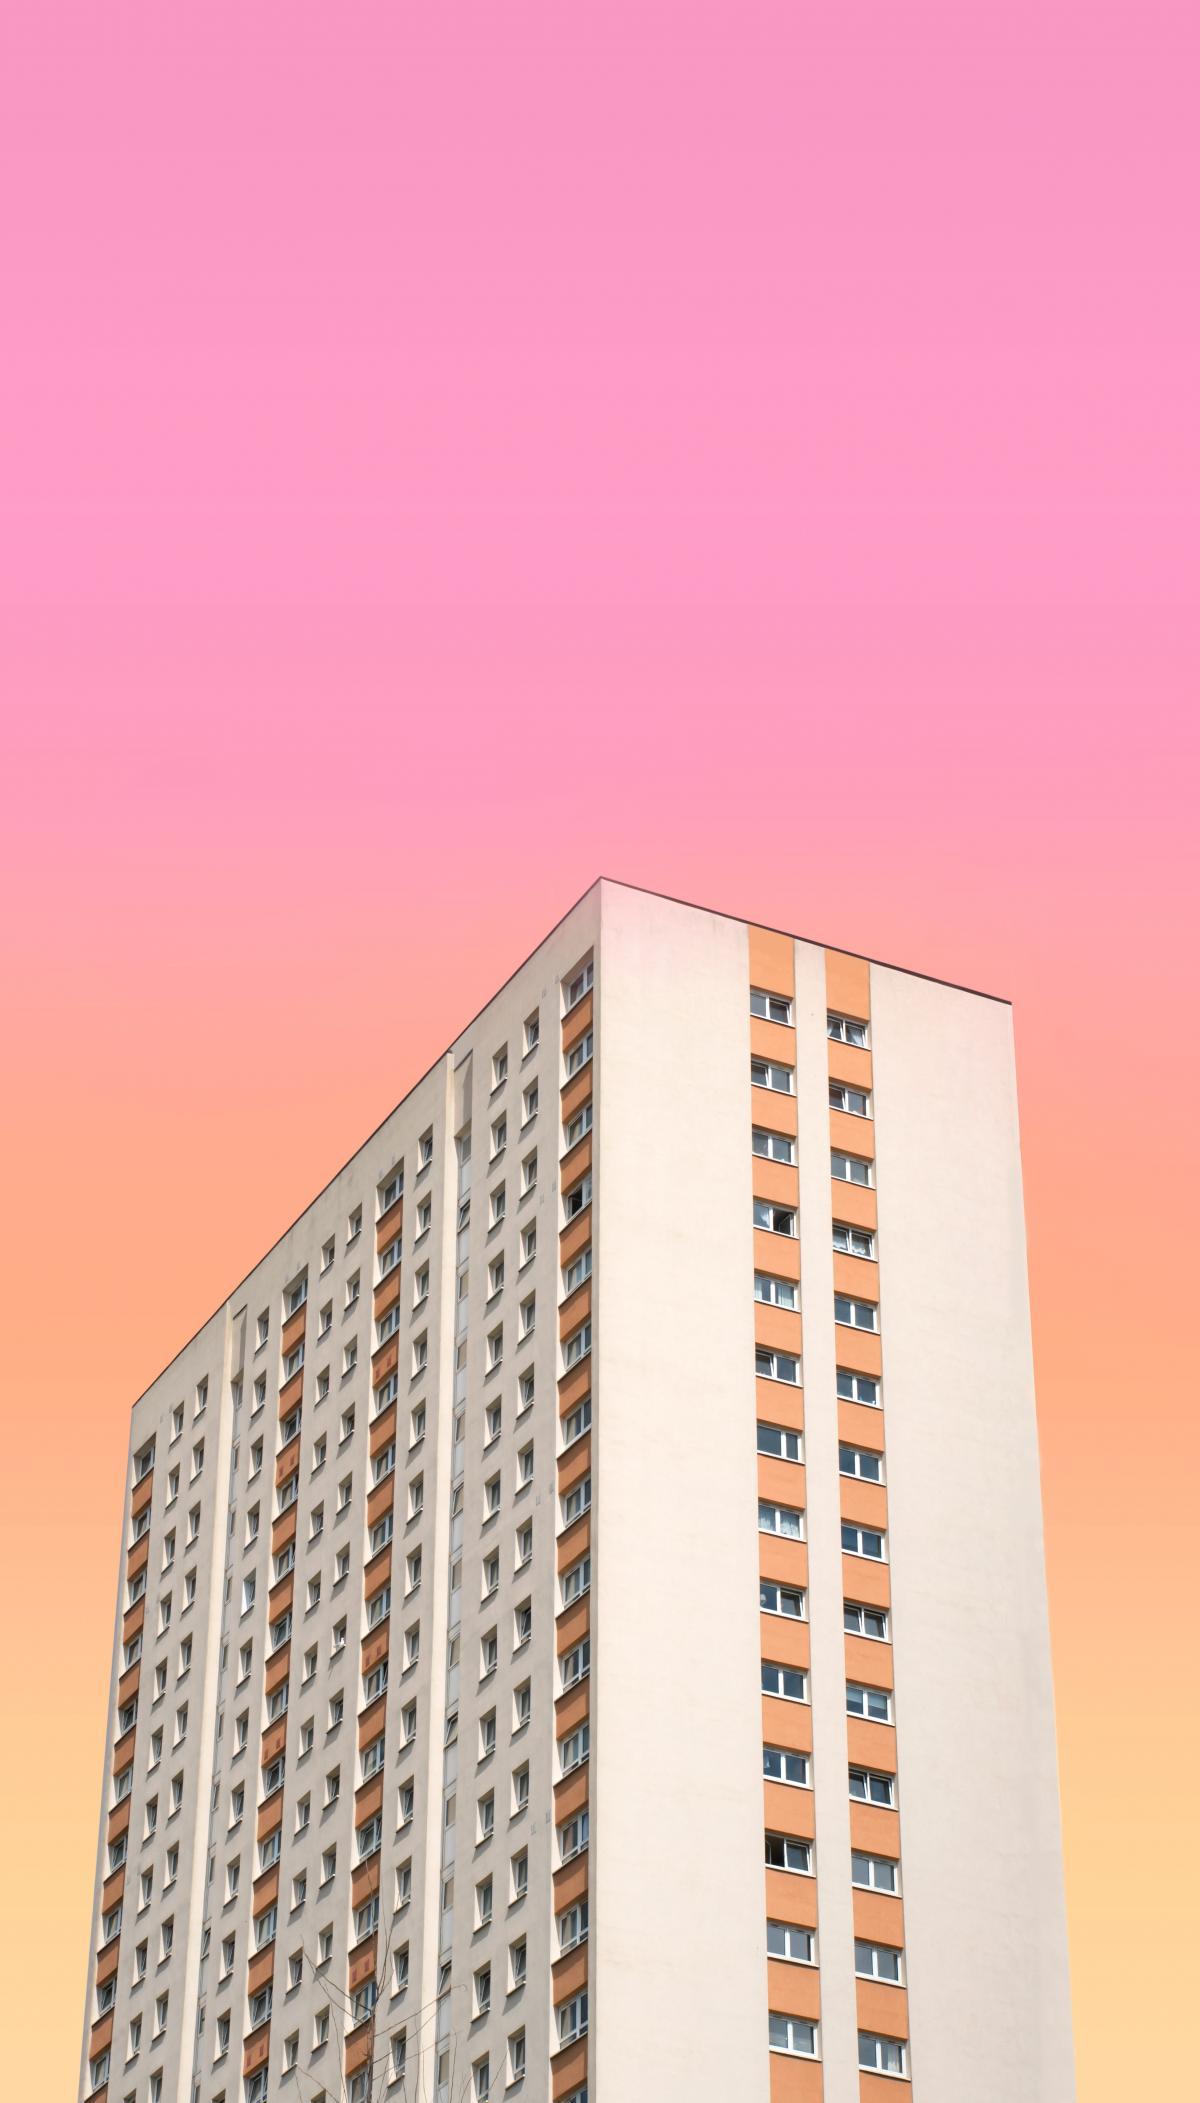 Skyscraper Architecture Building #425986